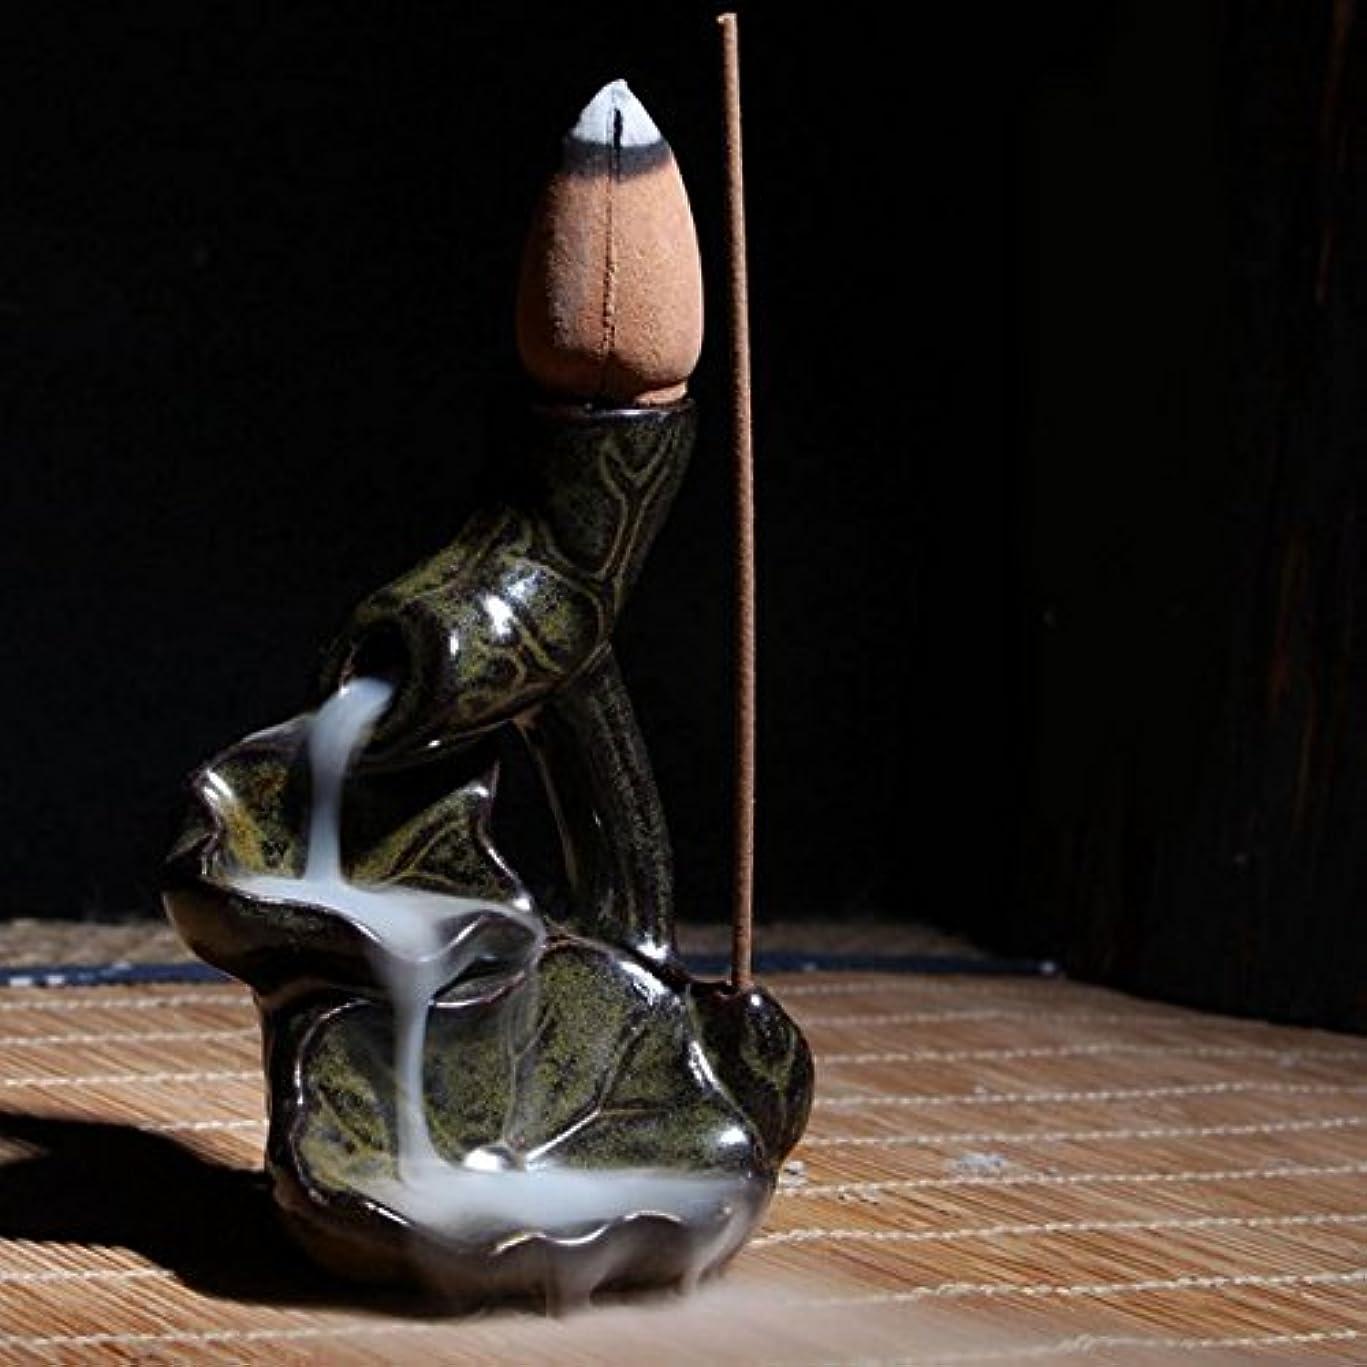 選択ナビゲーションジーンズ香炉ホルダー – 1 Piece Water LilyセラミックGlaze逆流香炉ホルダーコーン香立てホーム